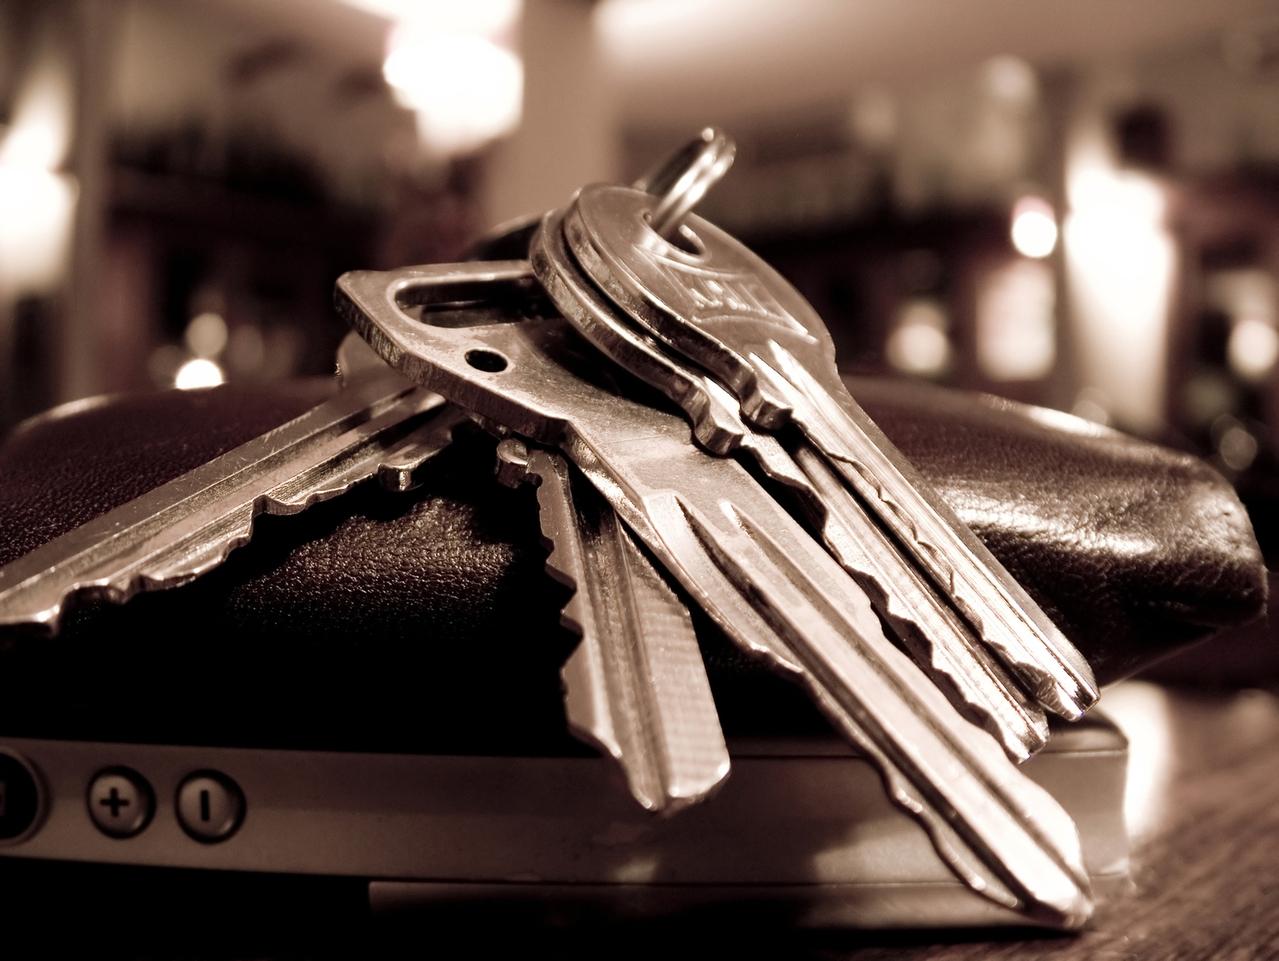 Réaliser un double de clé : quelle marche à suivre ?